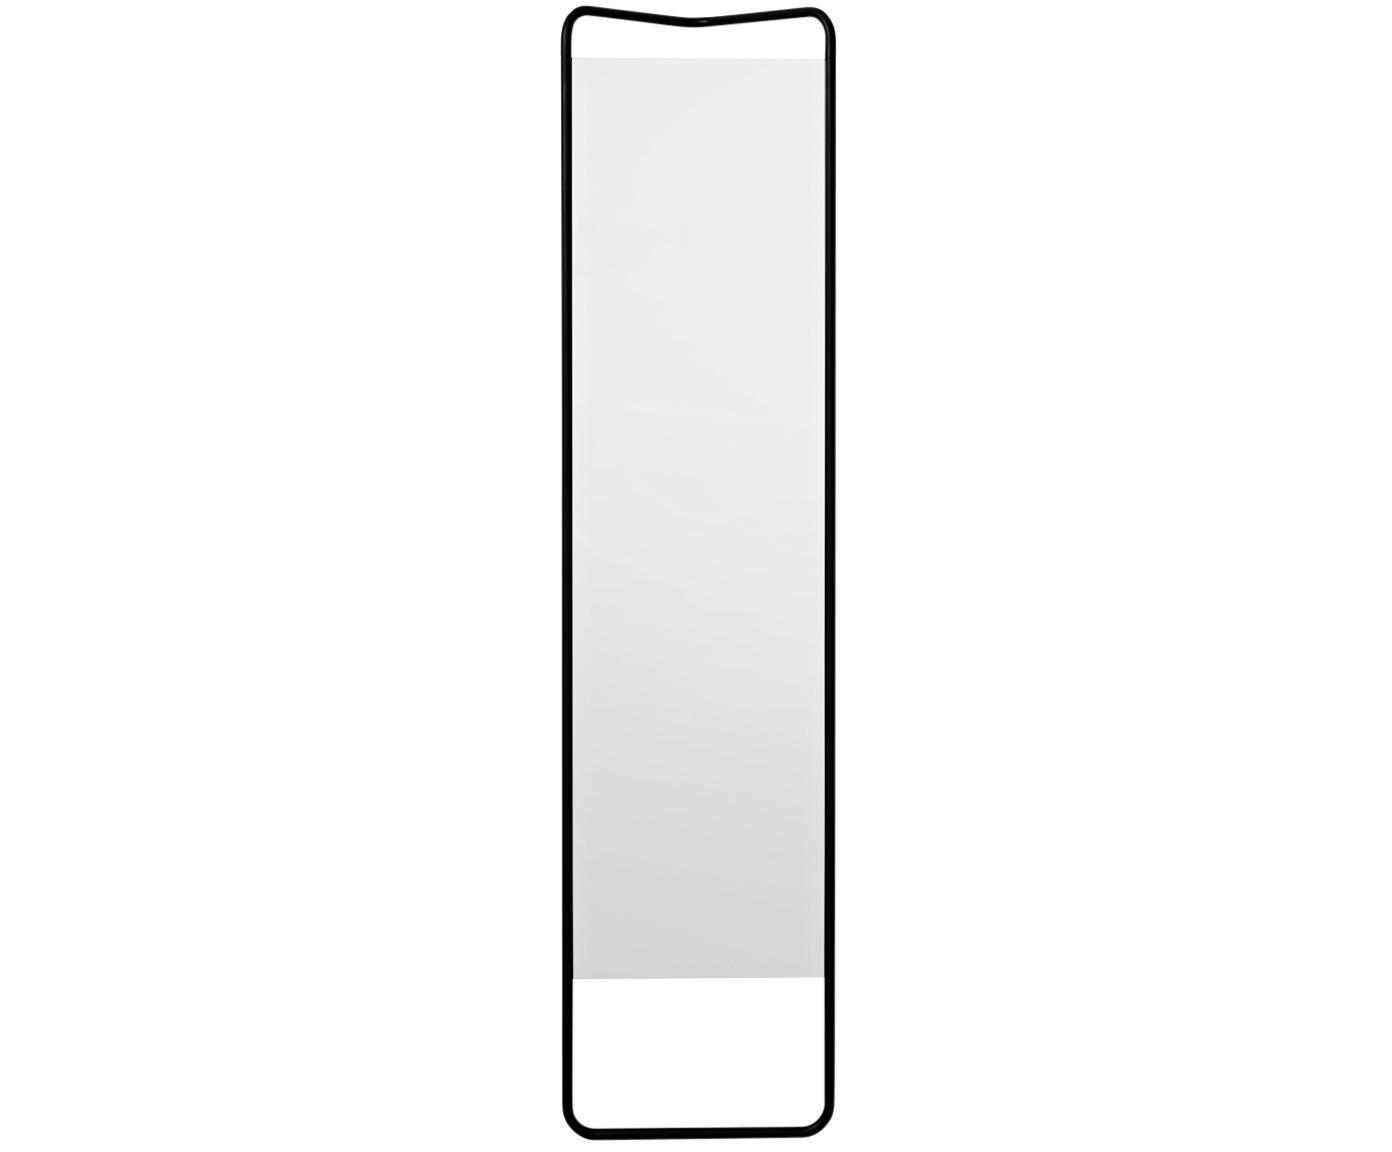 Specchio con cornice Kasch Kasch, Cornice: alluminio verniciato a po, Superficie dello specchio: lastra di vetro, Nero, Larg. 42 x Alt. 175 cm